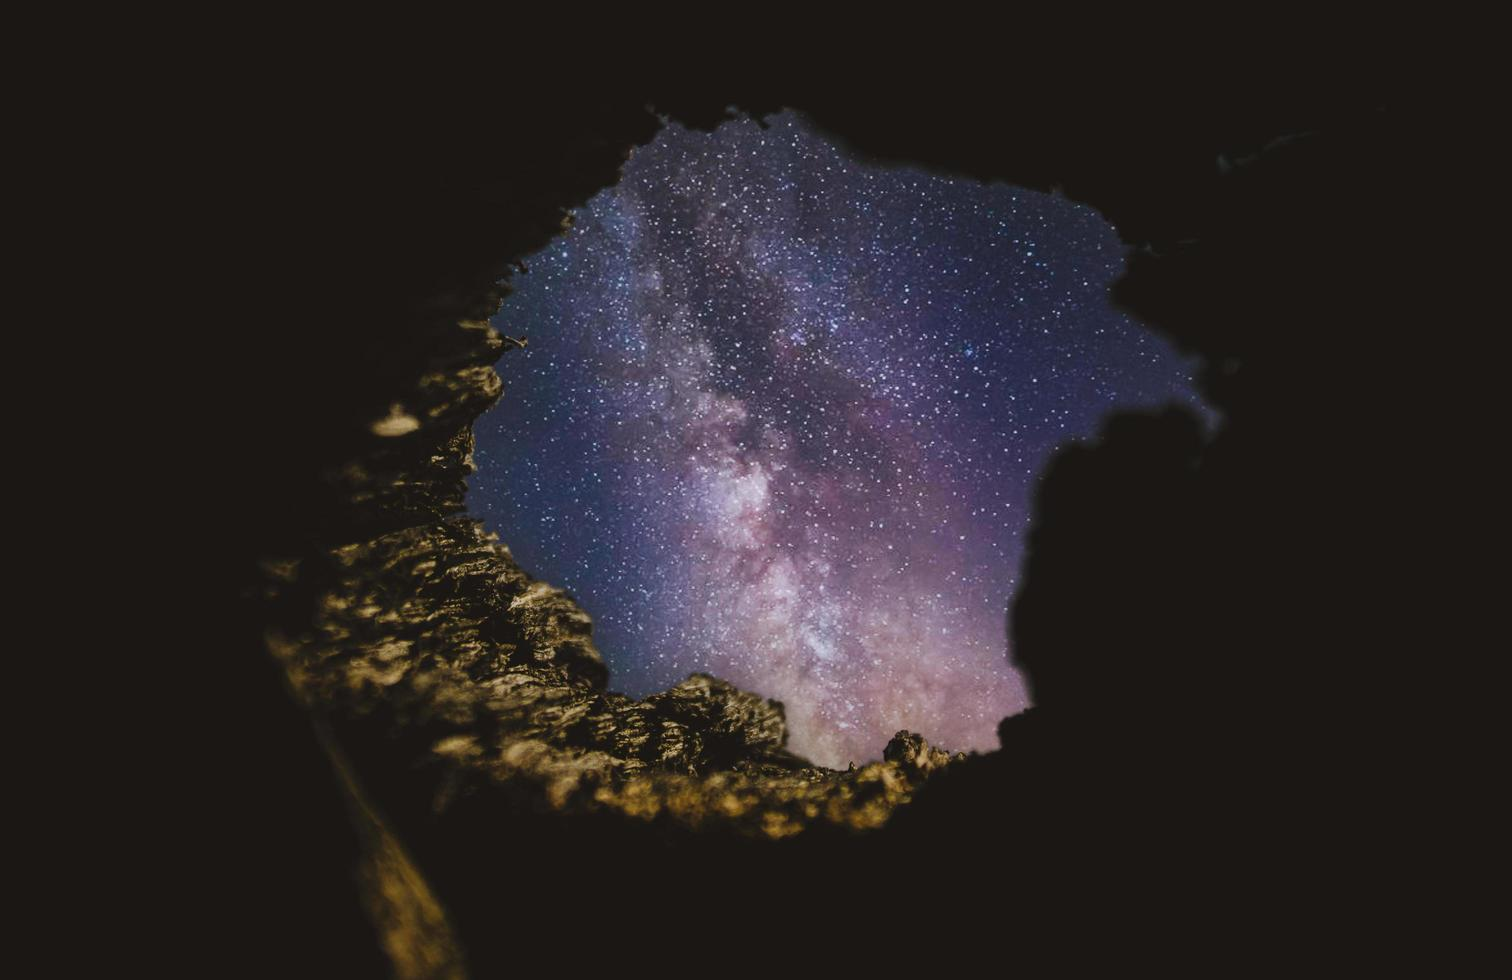 cielo stellato dall'interno di una grotta foto